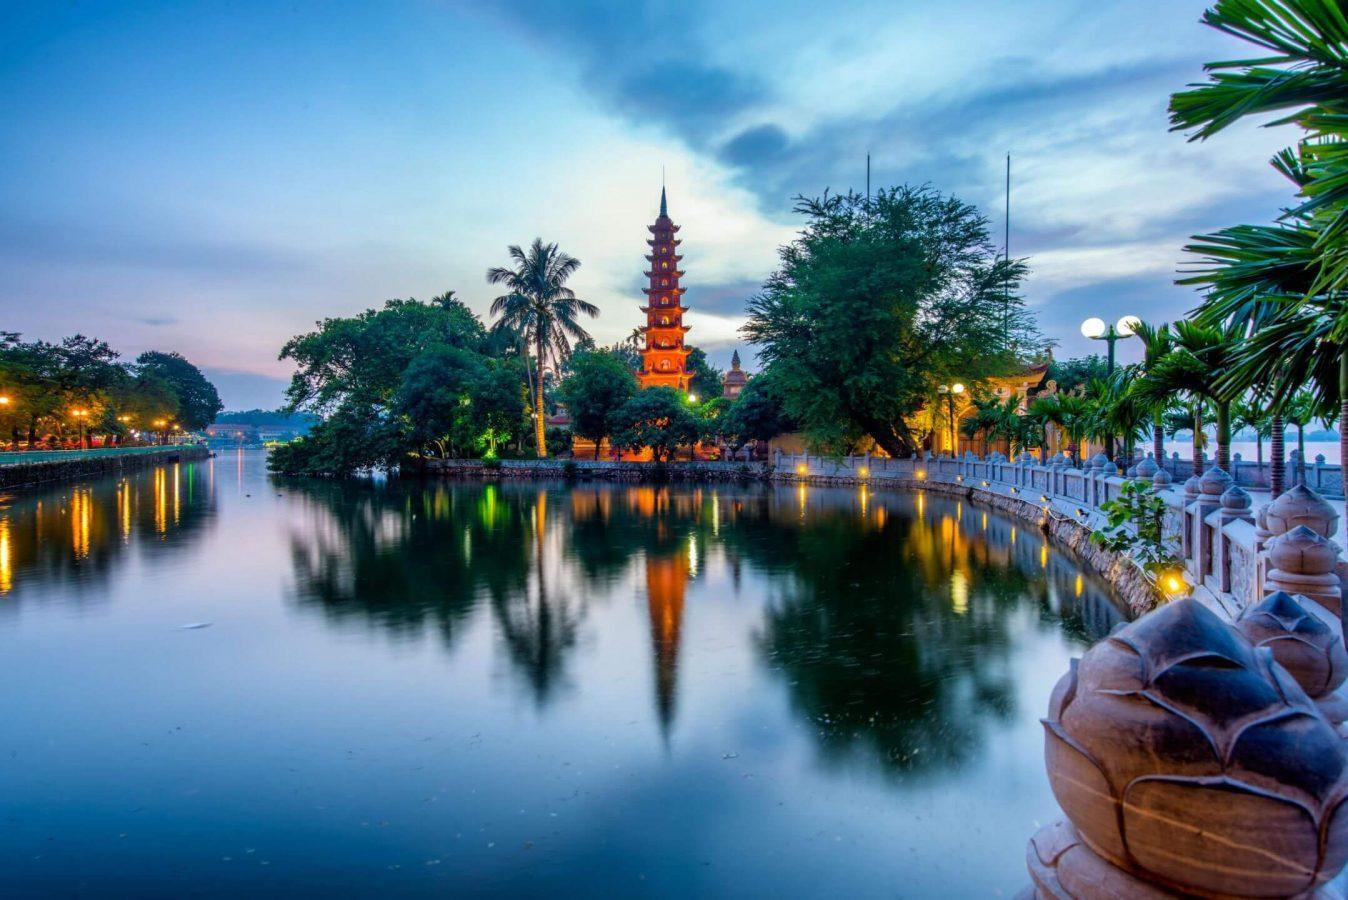 les-temples-et-pagodes-c3a0-hanoi-tran-quoc-7184906